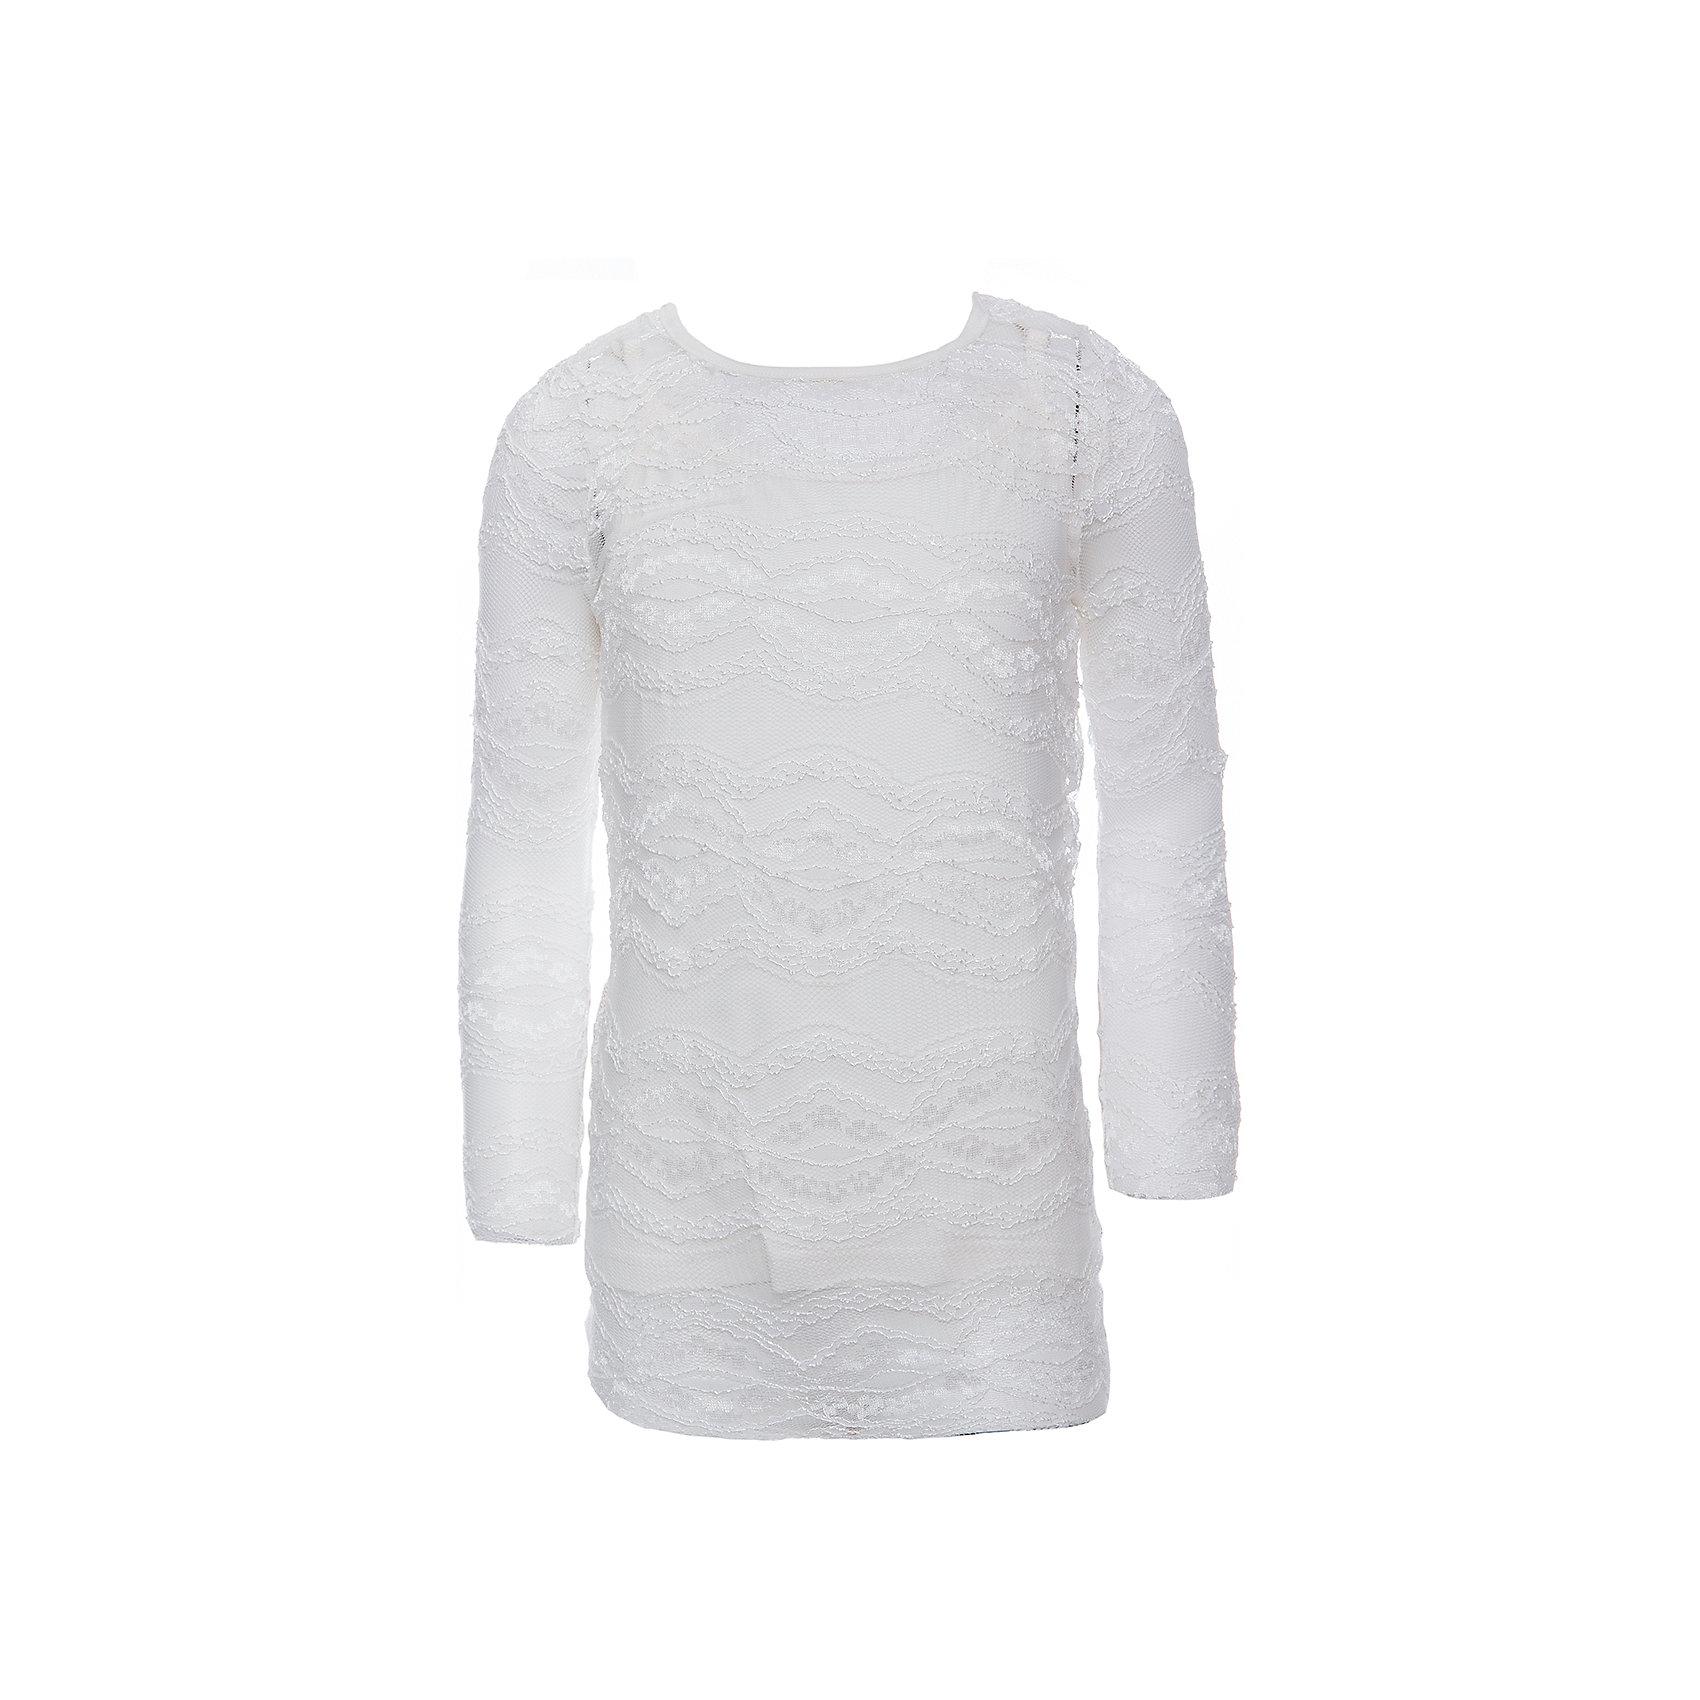 Блузка для девочки ScoolБлузки и рубашки<br>Блузка для девочки Scool<br>Трикотажная блузка.<br><br>Модель состоит из двух изделий: топа и футболки с длинными рукавами. Верхний слой выполнен из ажурного эластичного гипюра, нижний – из мягкого хлопка. Застегивается на пуговицу на спине.<br>Состав:<br>Верх: 100% полиамид, подкладка: 95% хлопок, 5% эластан<br><br>Ширина мм: 186<br>Глубина мм: 87<br>Высота мм: 198<br>Вес г: 197<br>Цвет: белый<br>Возраст от месяцев: 156<br>Возраст до месяцев: 168<br>Пол: Женский<br>Возраст: Детский<br>Размер: 164,122,128,134,140,146,152,158<br>SKU: 6754333